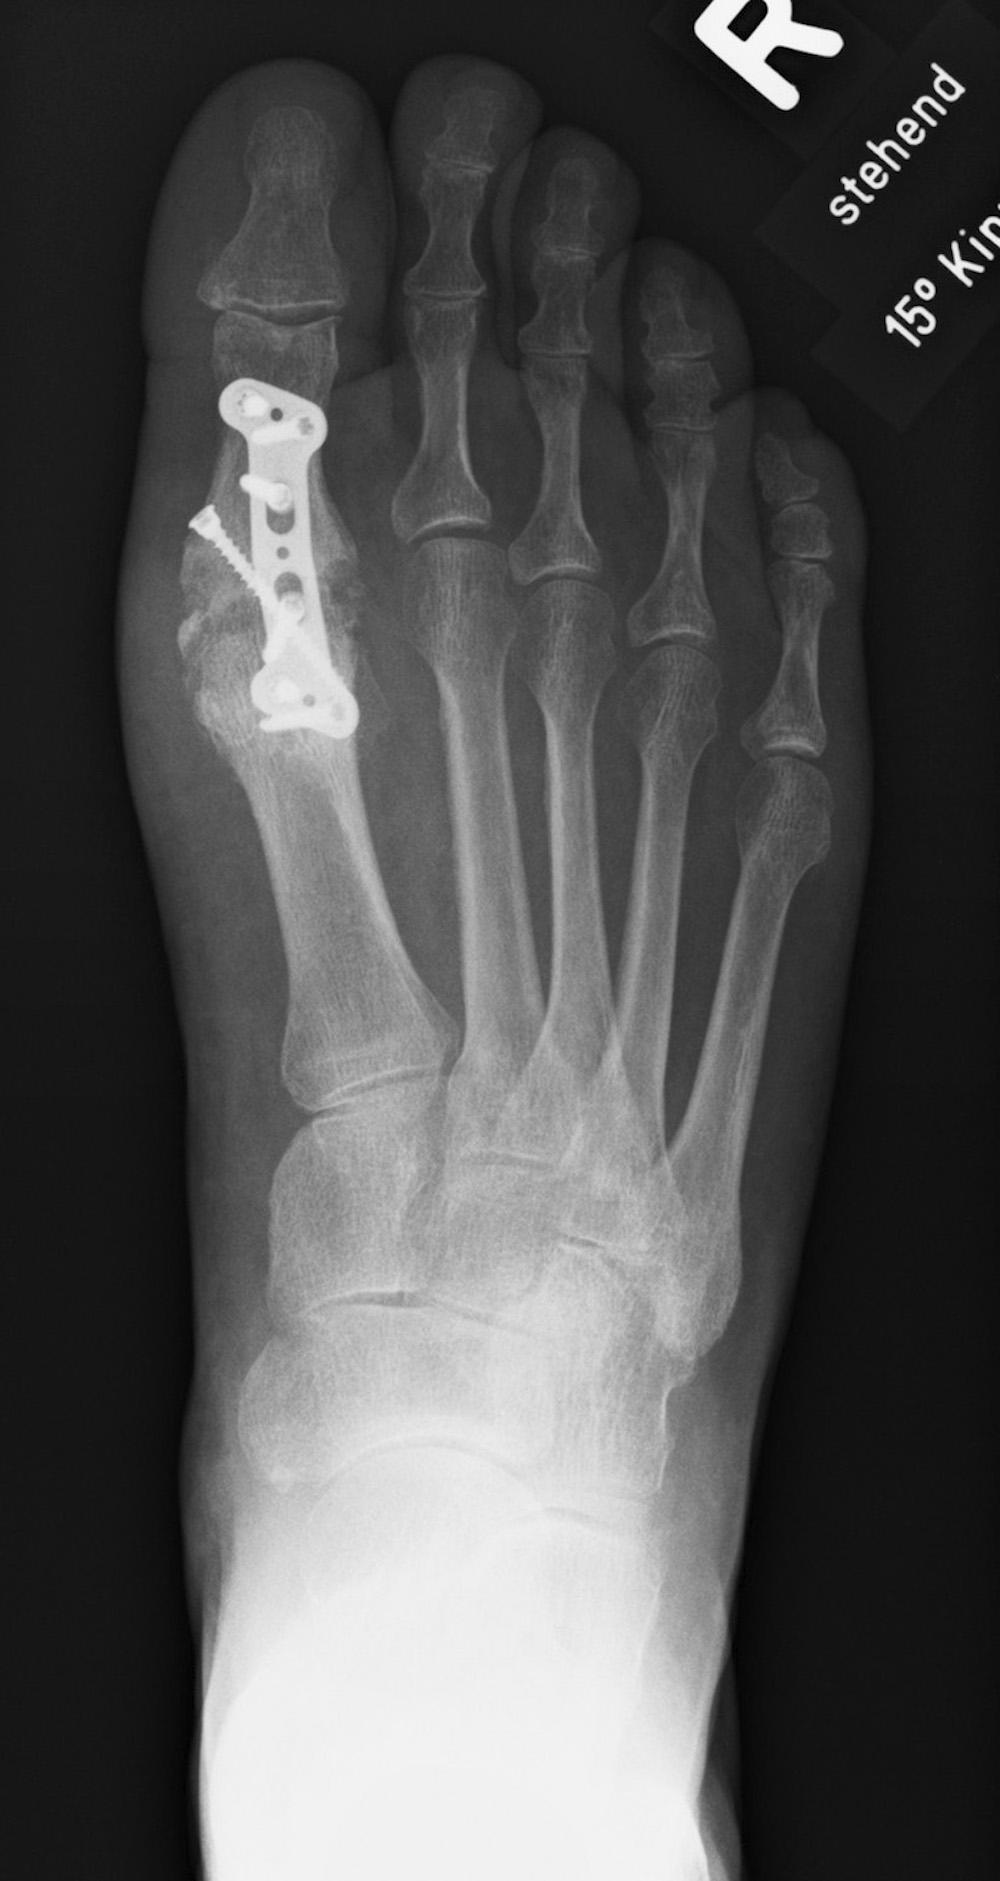 Röntgenbild nach Versteifung des verschlissenen Großzehengrundgelenks.